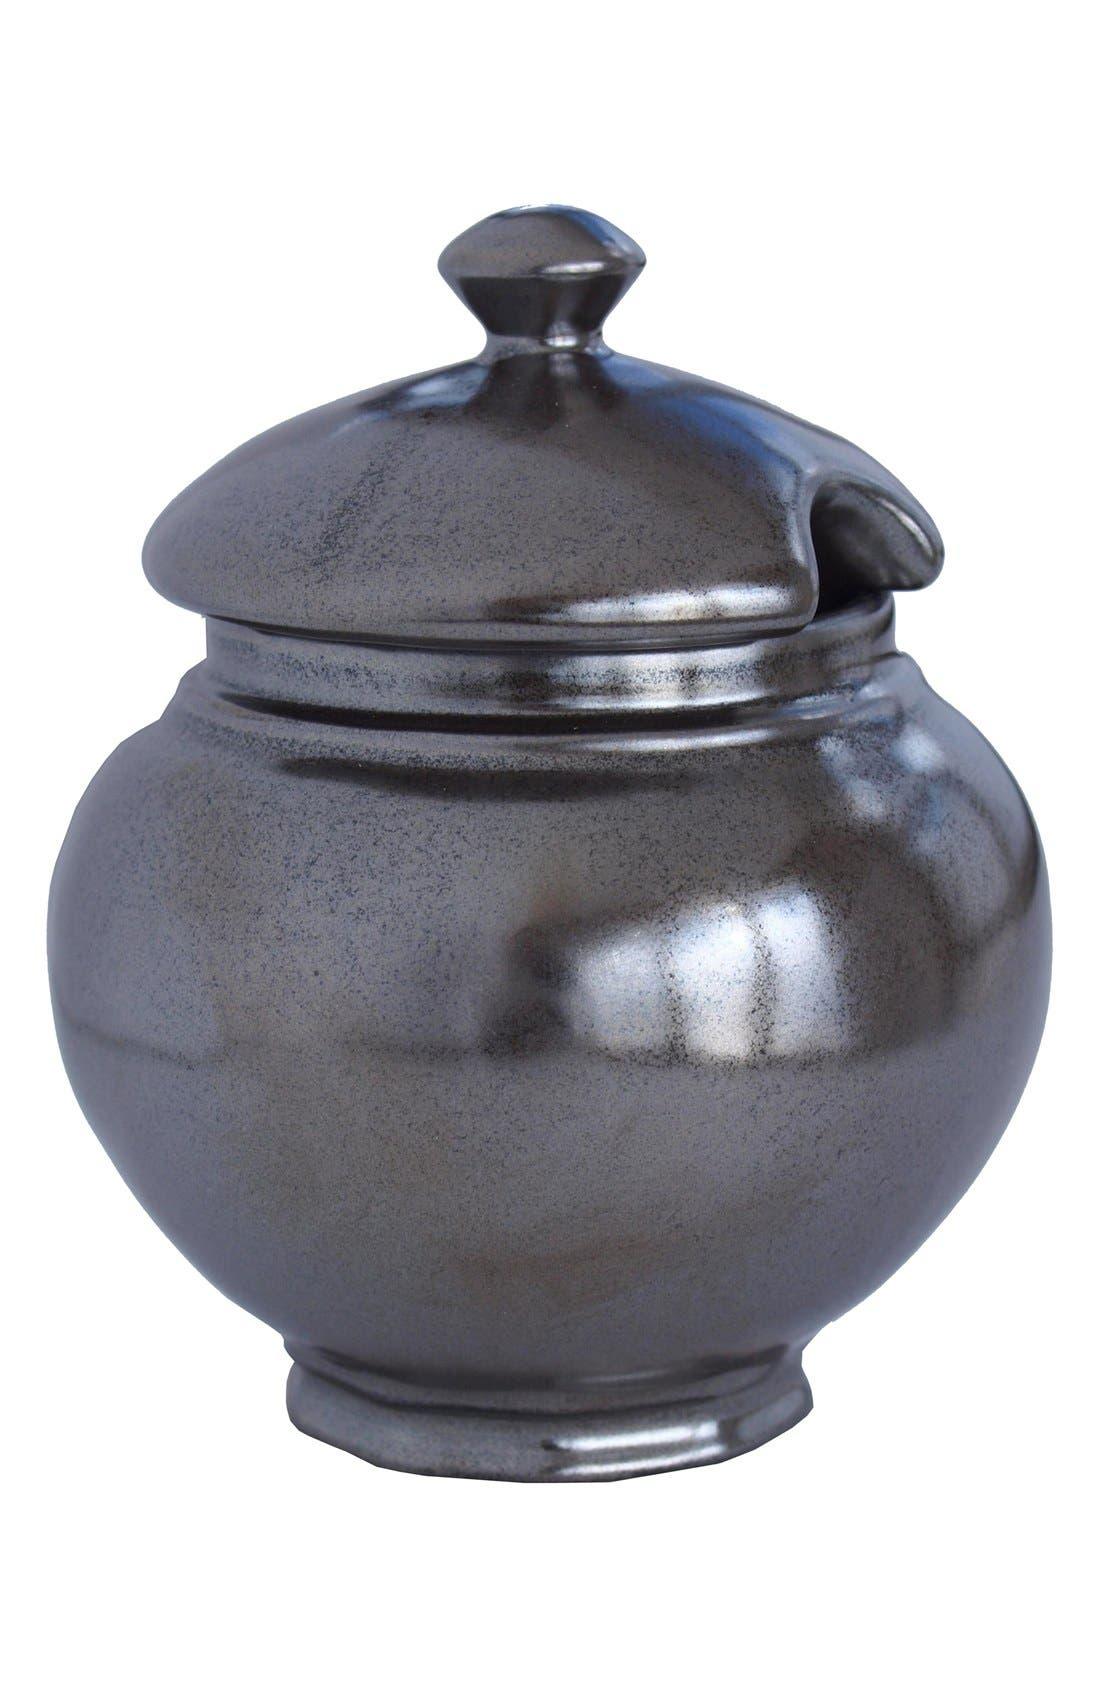 Main Image - Juliska'Pewter' Stoneware Sugar Bowl